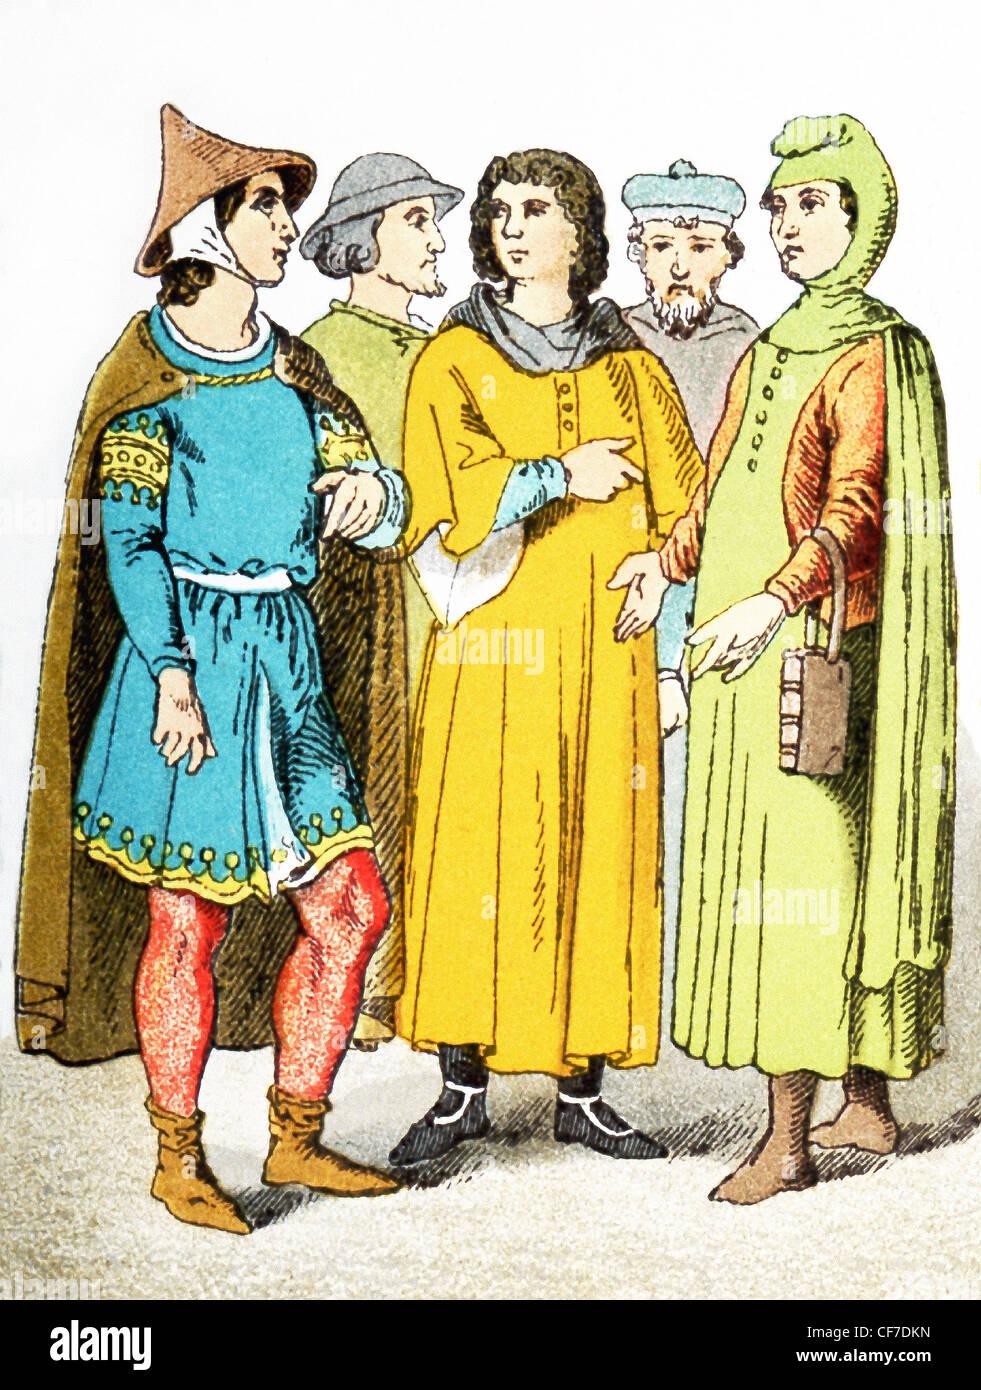 Die Zahlen in der Abbildung stehen fünf Franzosen um 1200 n. Chr.. Die Abbildung stammt bis 1882. Stockbild